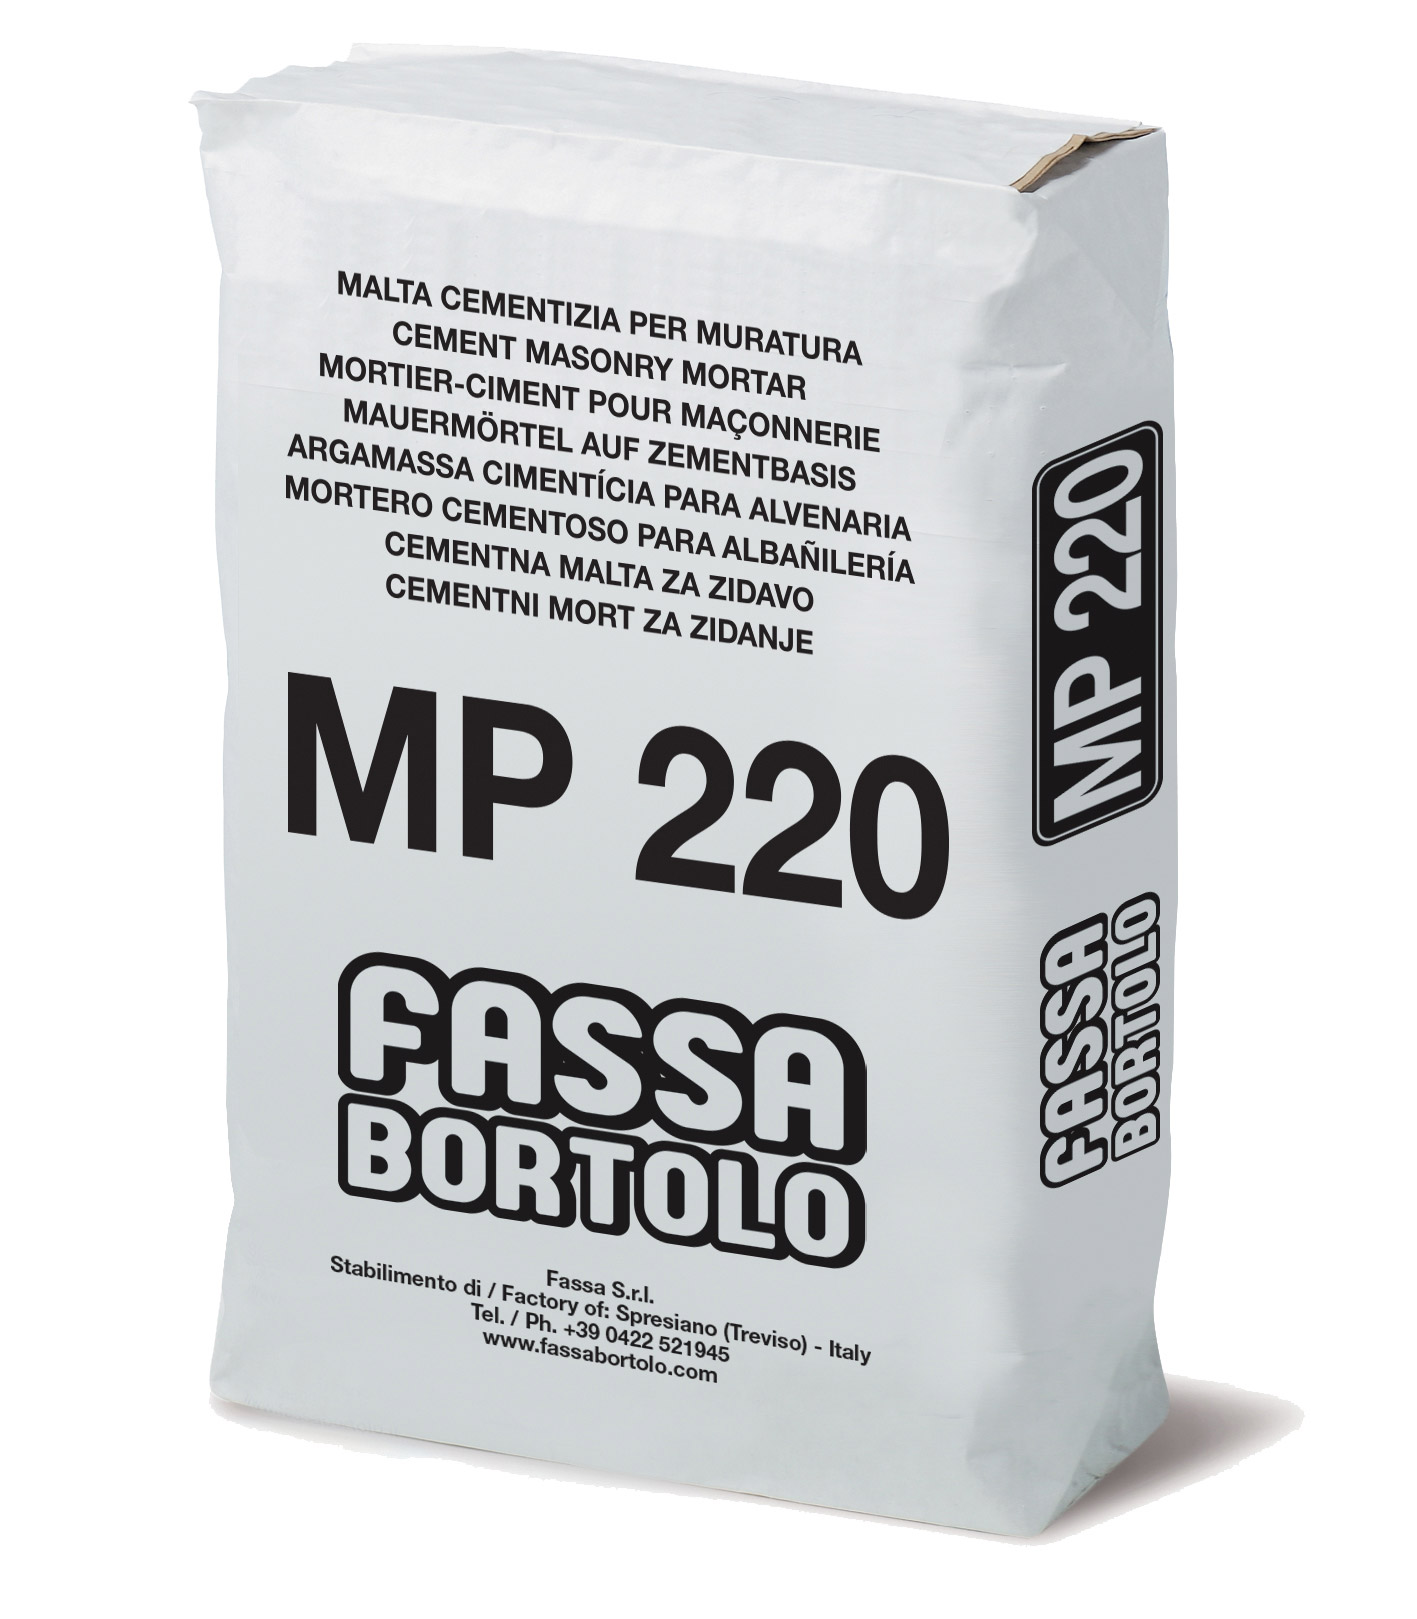 MP 220: Malta cementizia ad alta resistenza per muratura